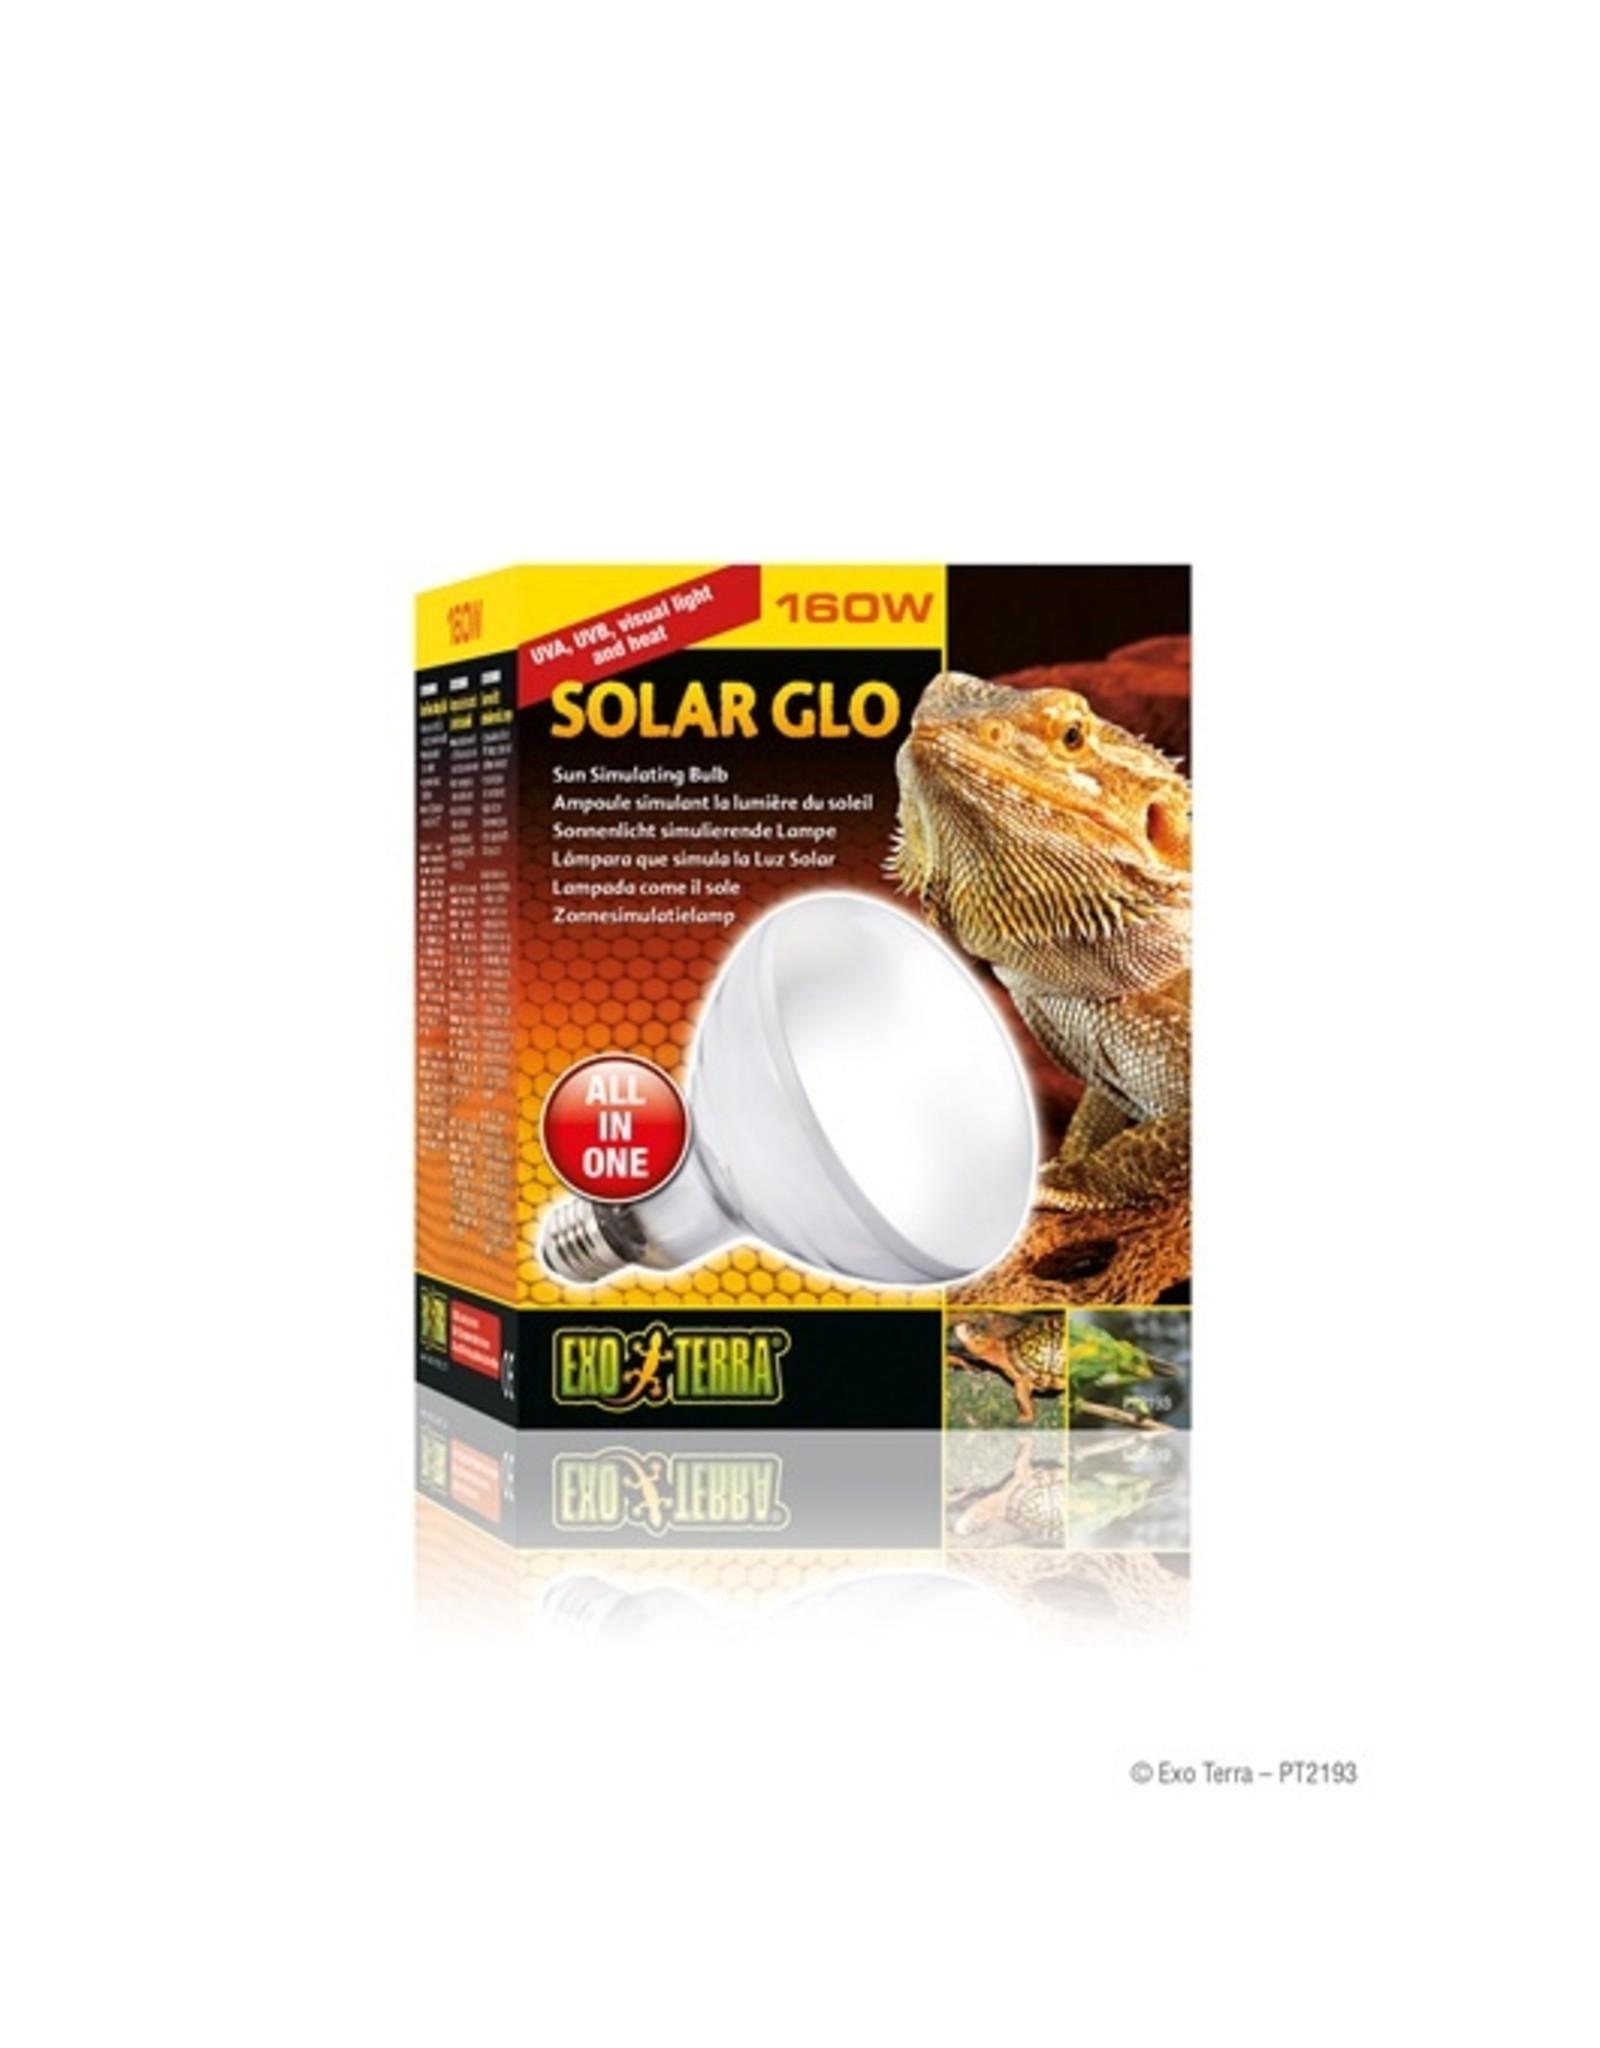 Exo Terra EXO TERRA Solar Glo